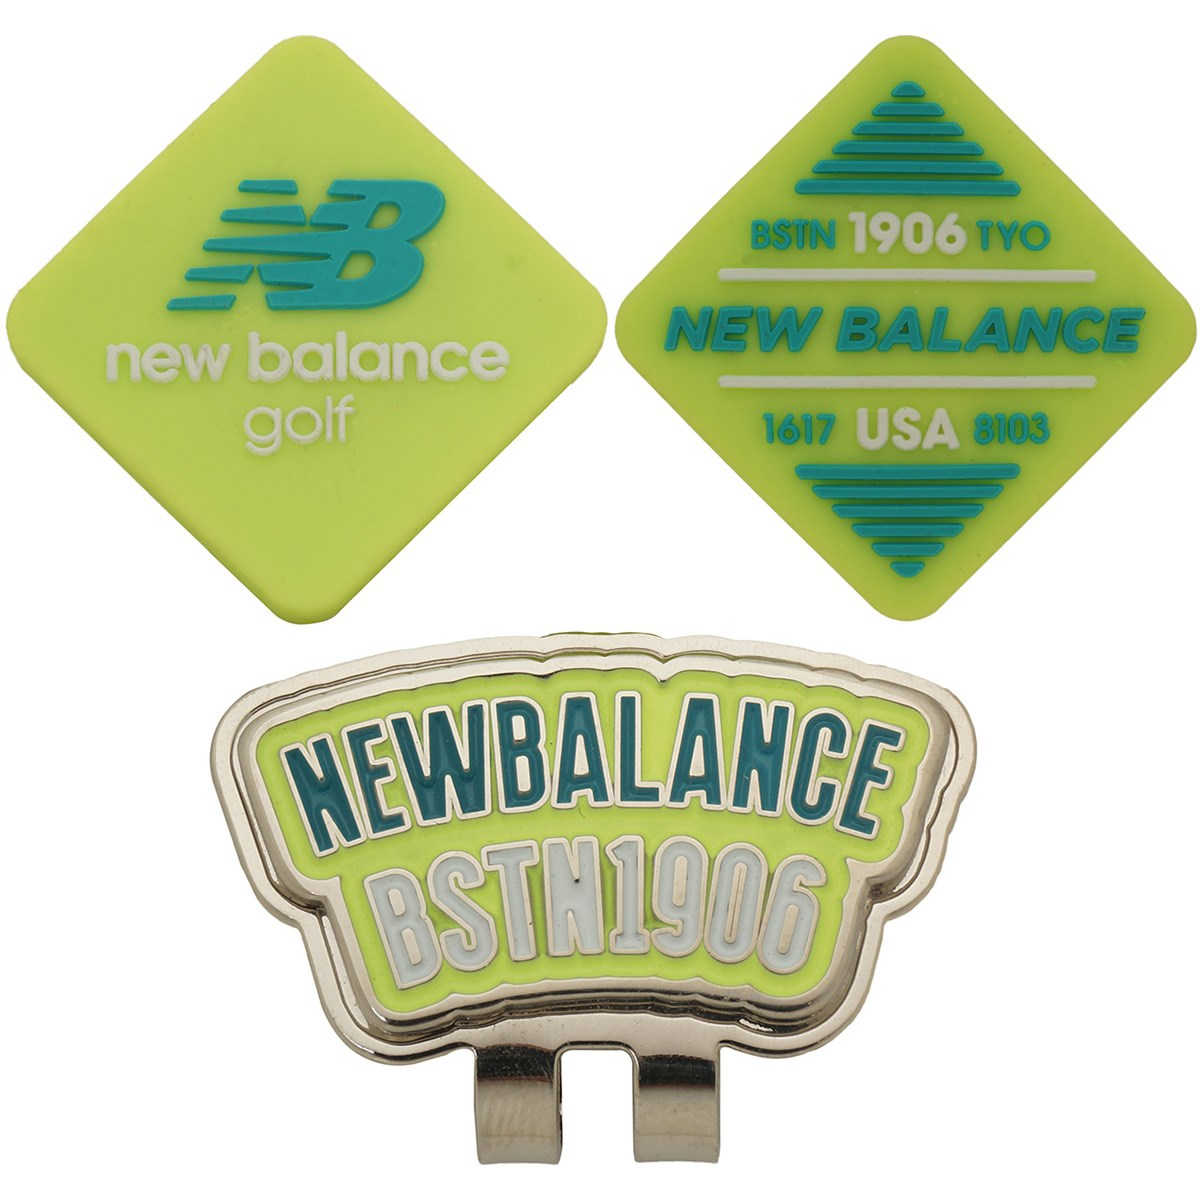 ニューバランス New Balance METRO リバーシブル シリコンクリップマーカー イエロー 060